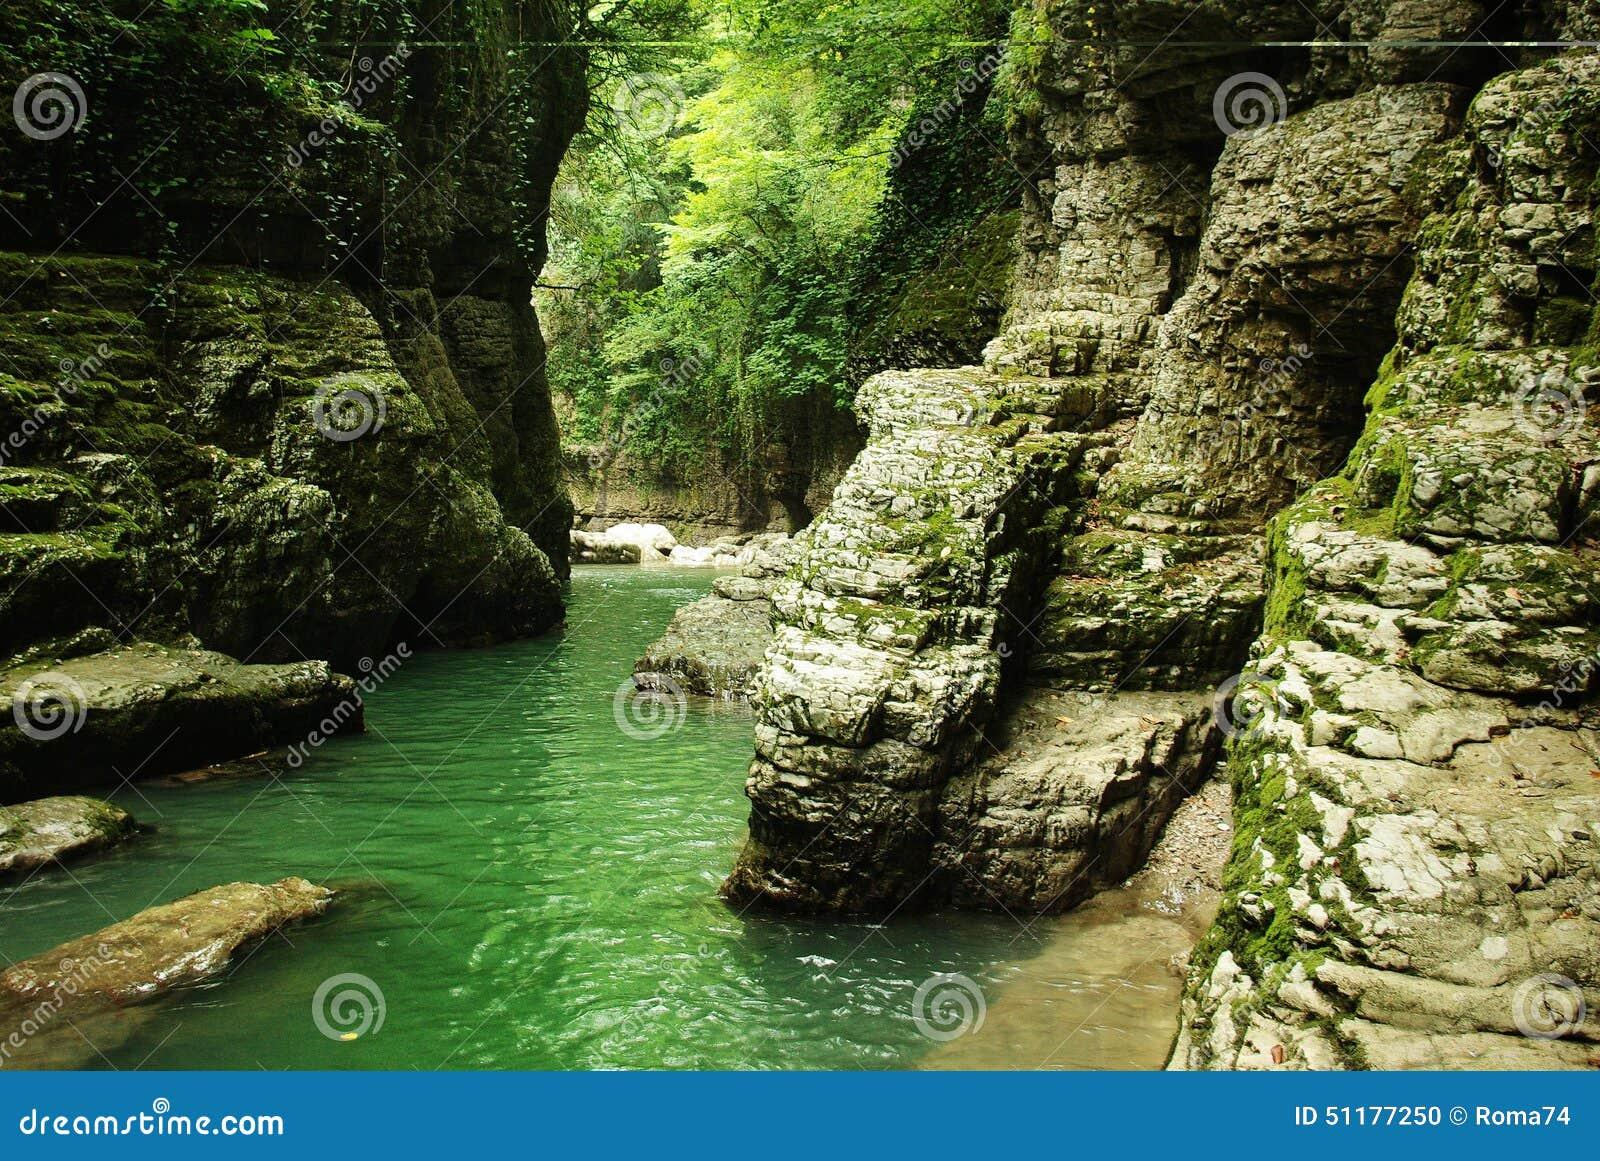 description mountain river natural - photo #42